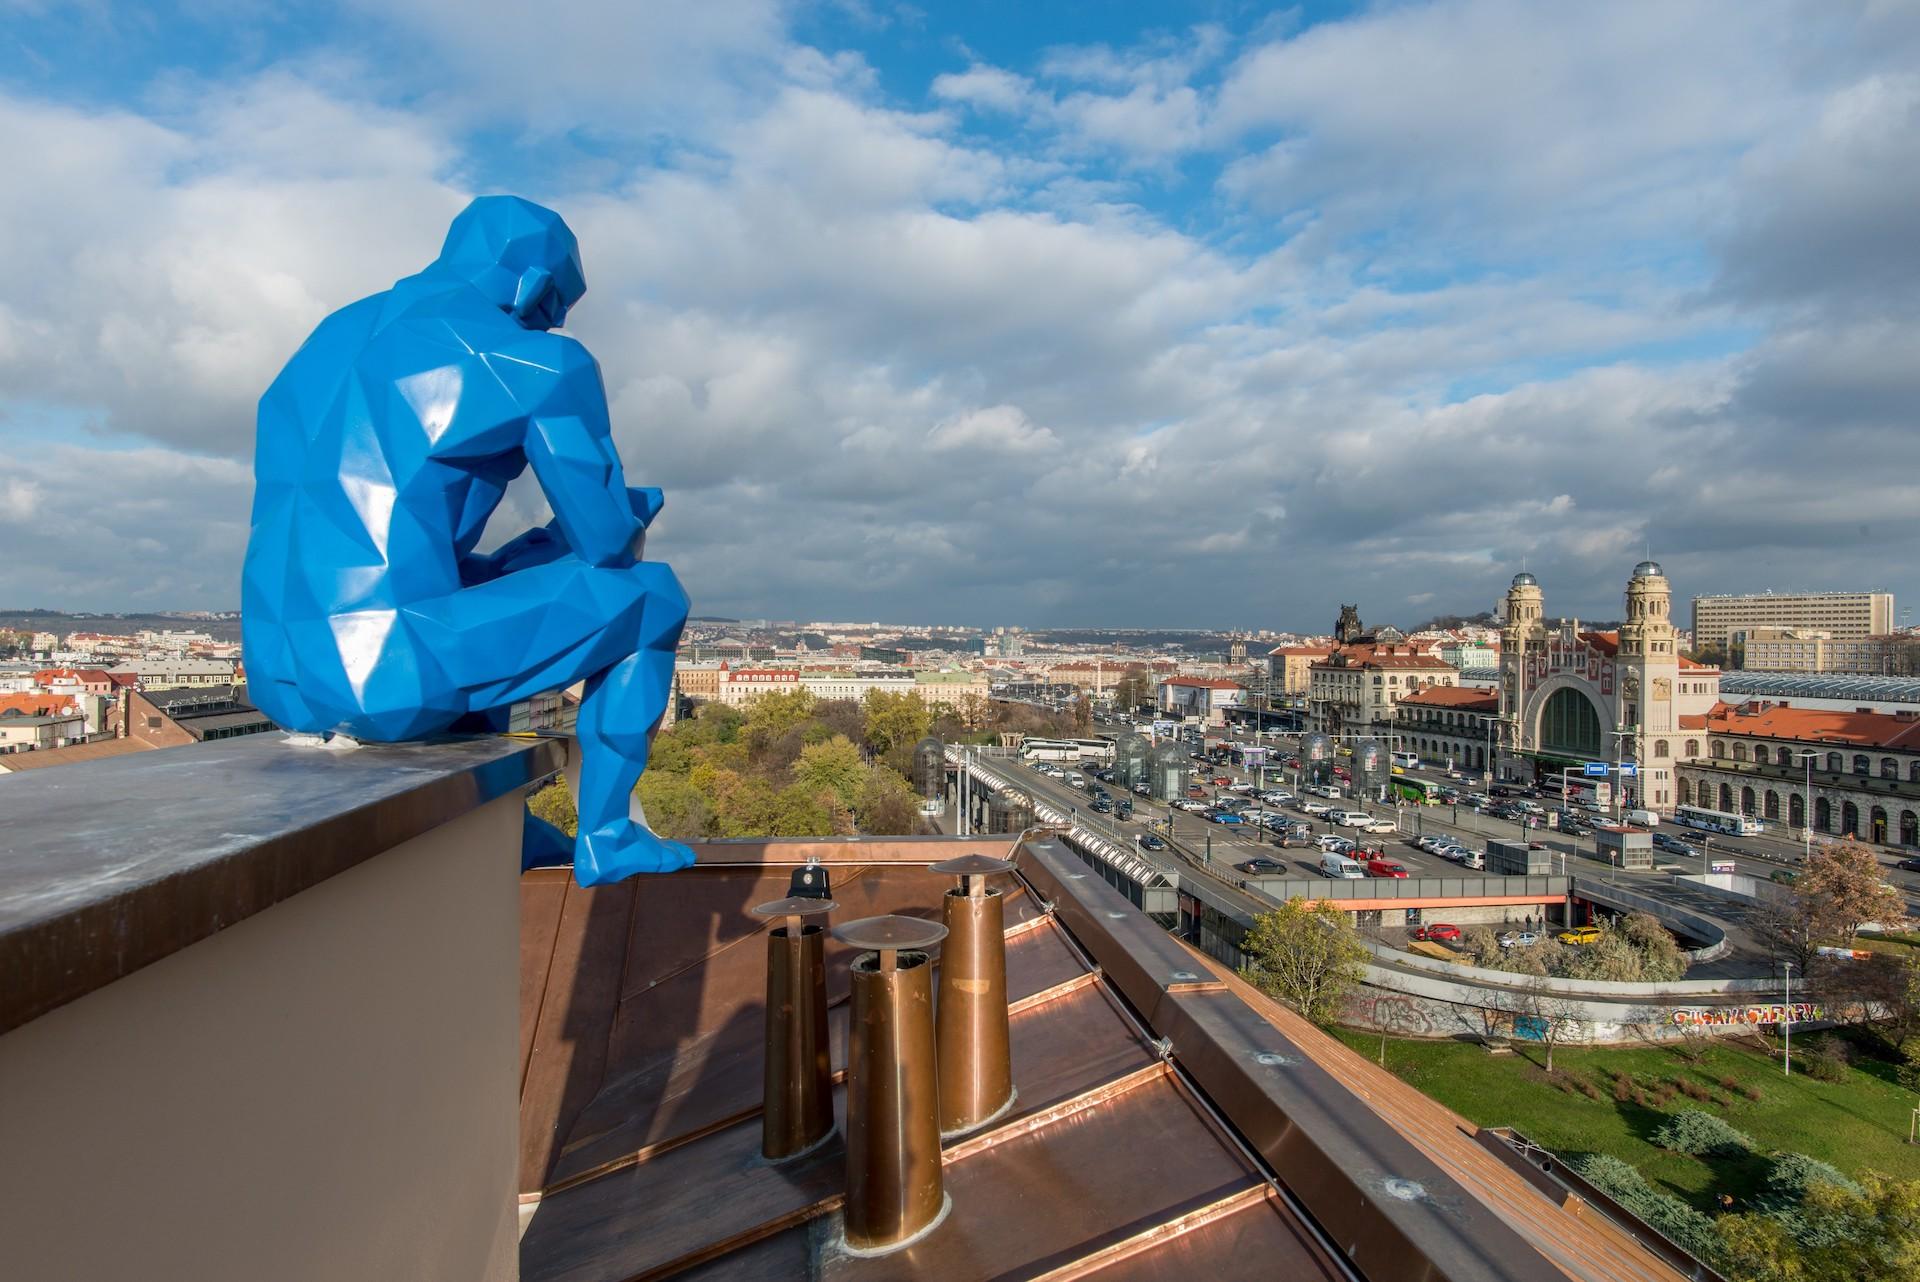 Blueman sedí i na střeše s výhledem na Hlavní nádraží